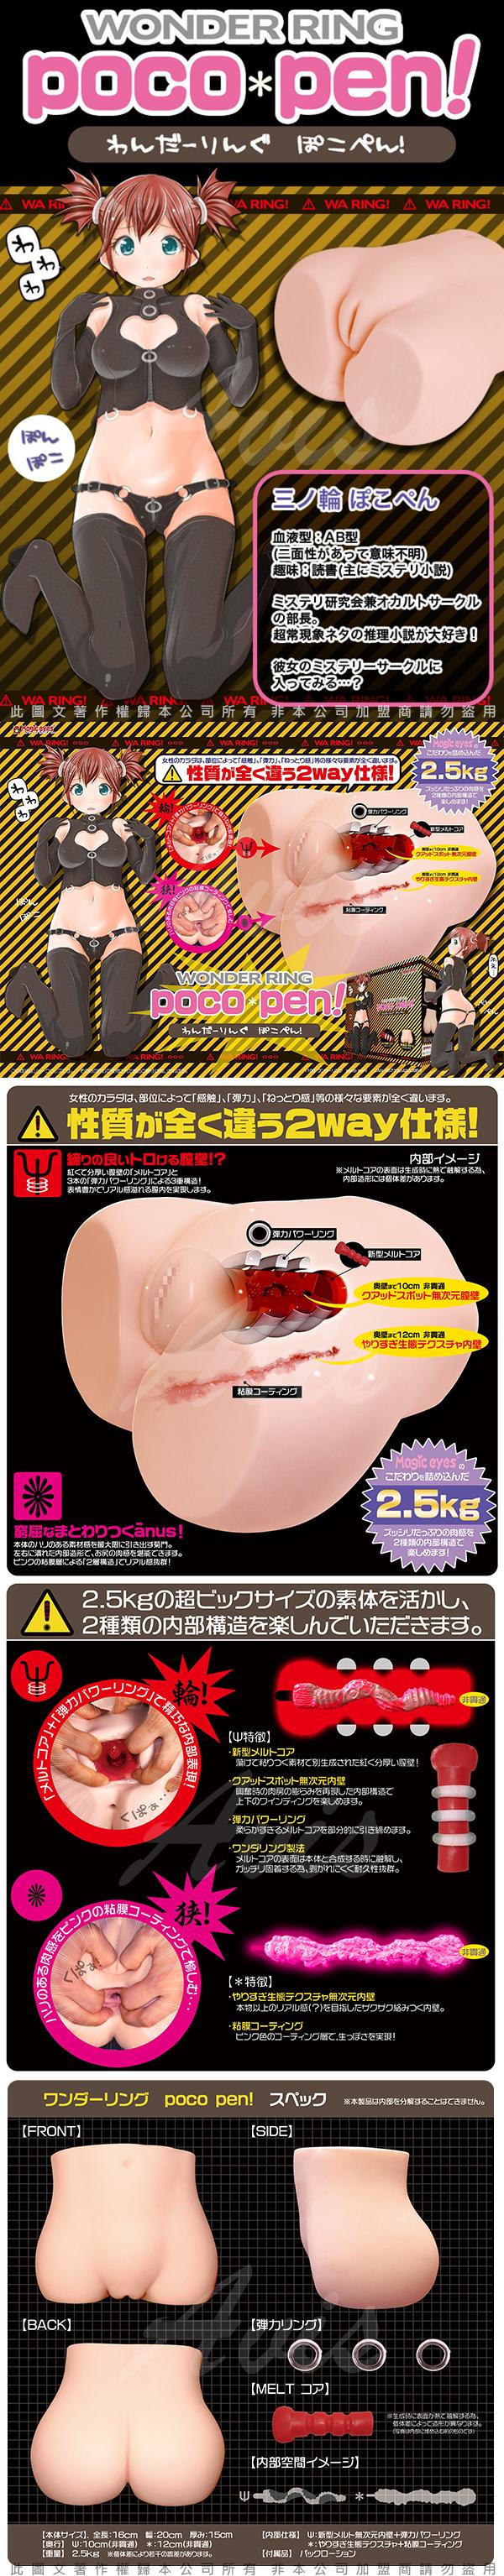 日本對子哈特(Toys Heart) Magic eyes  POCOPEN  奇蹟環 雙層構造 2.5kg 超肉厚 雙穴自慰器